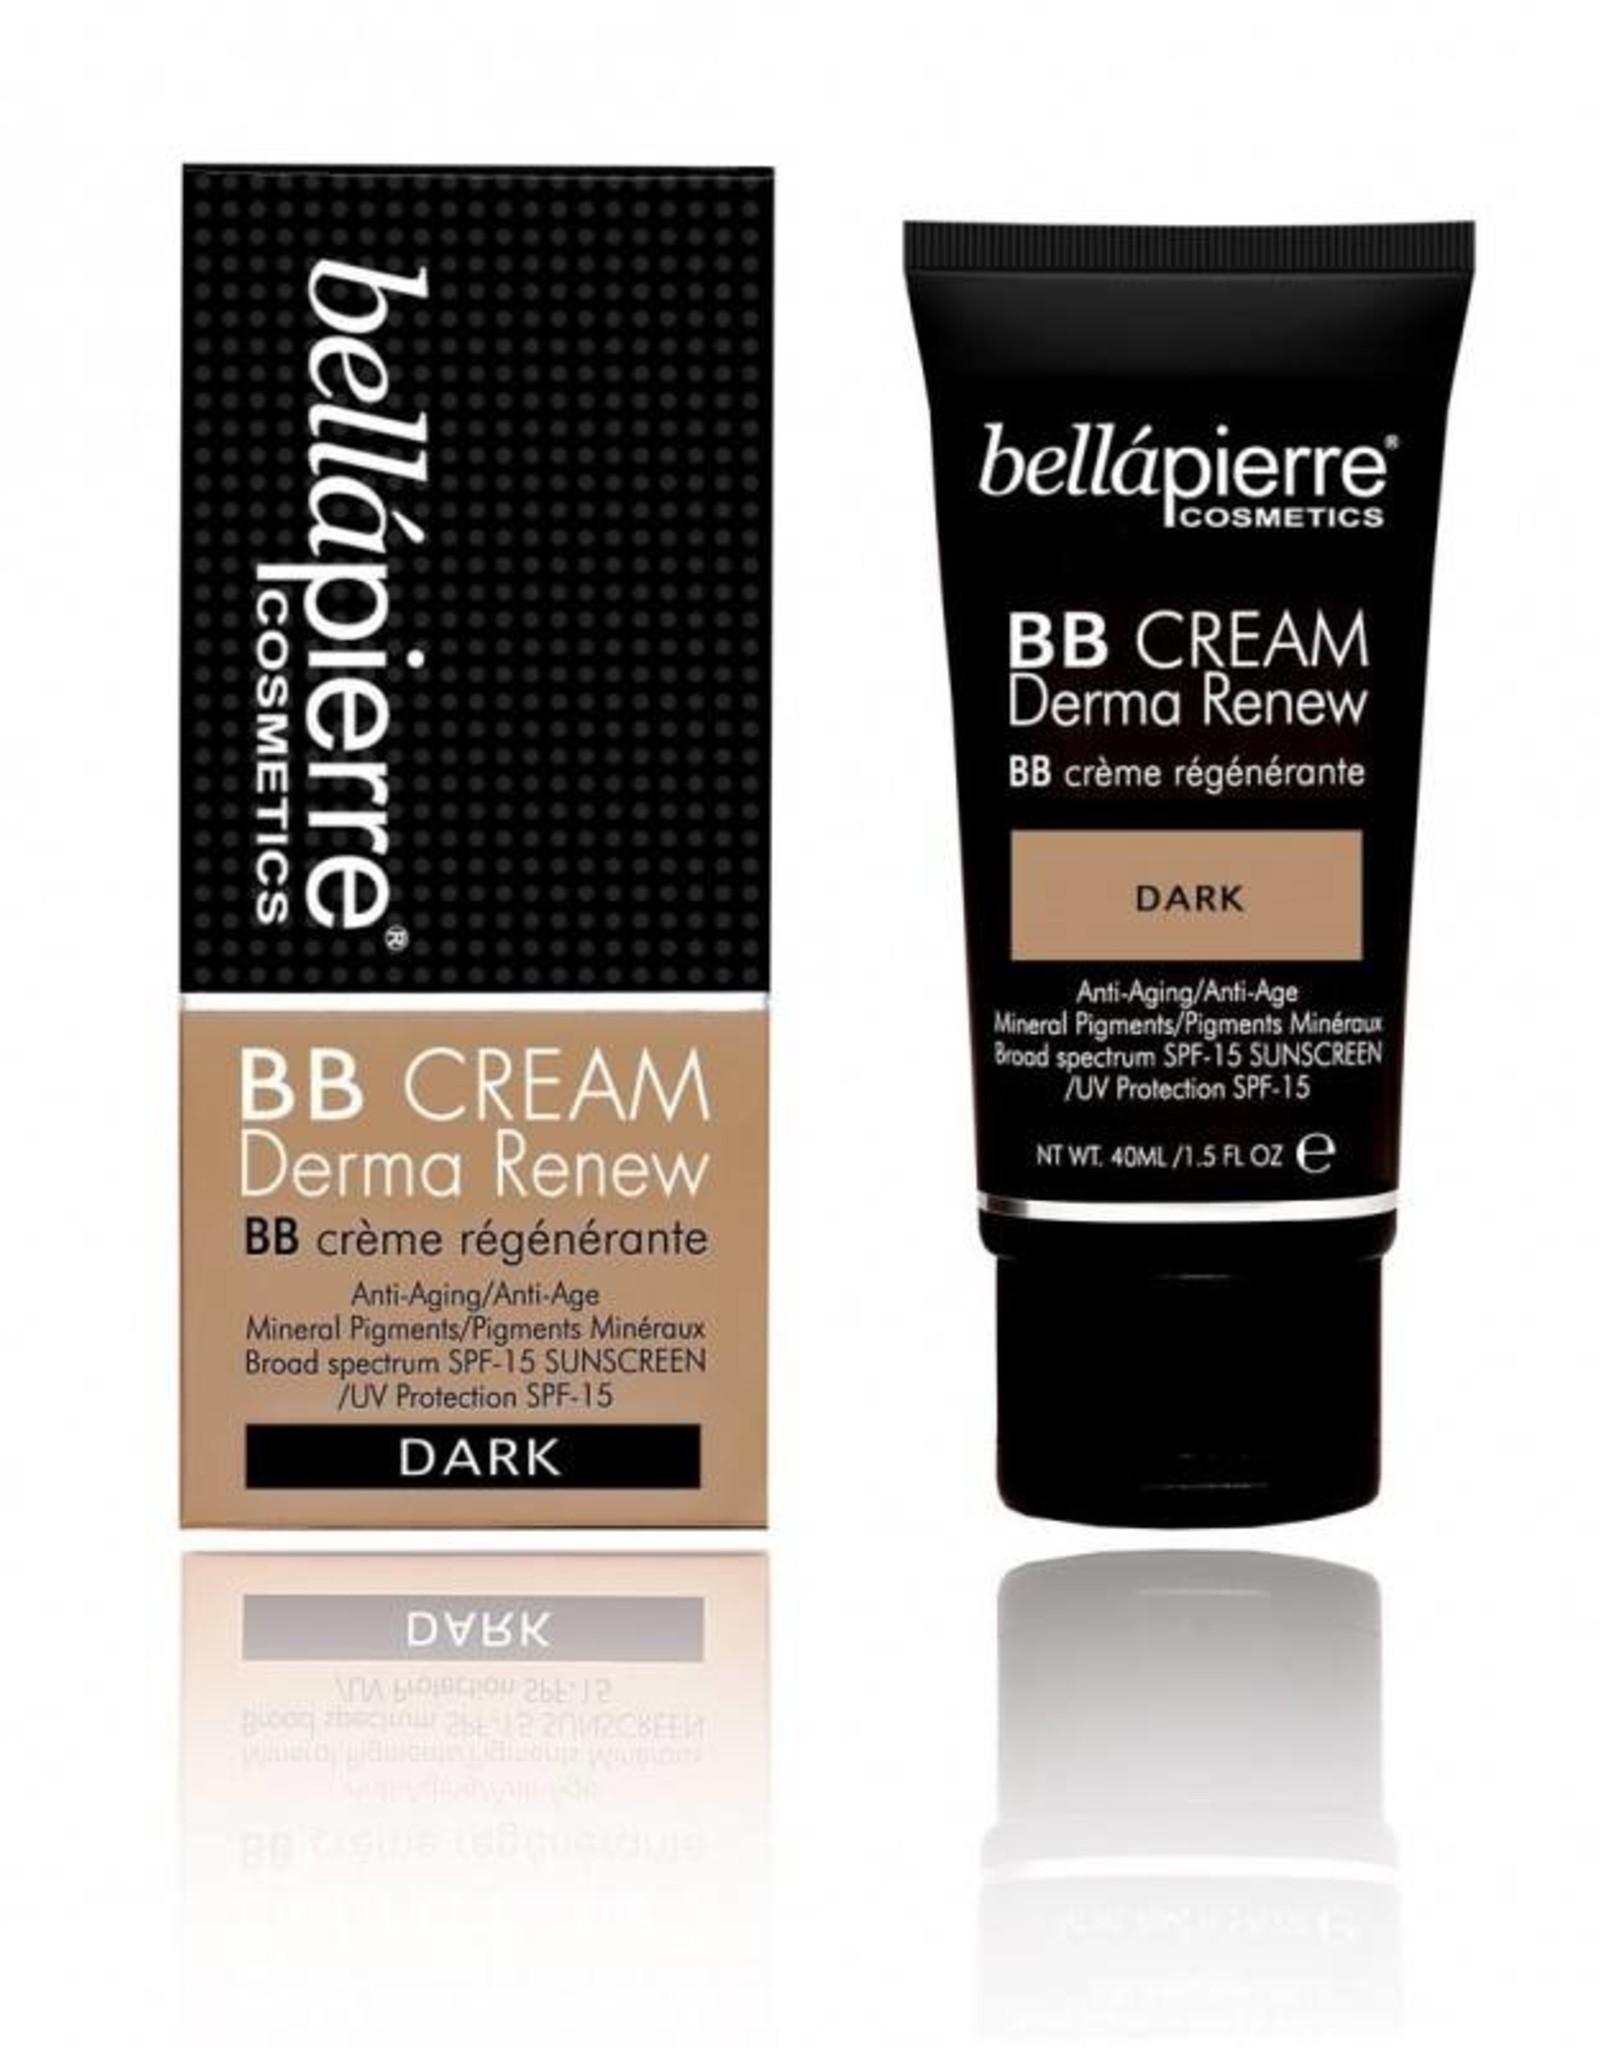 Bellápiere Bellàpierre - BB cream - Dark